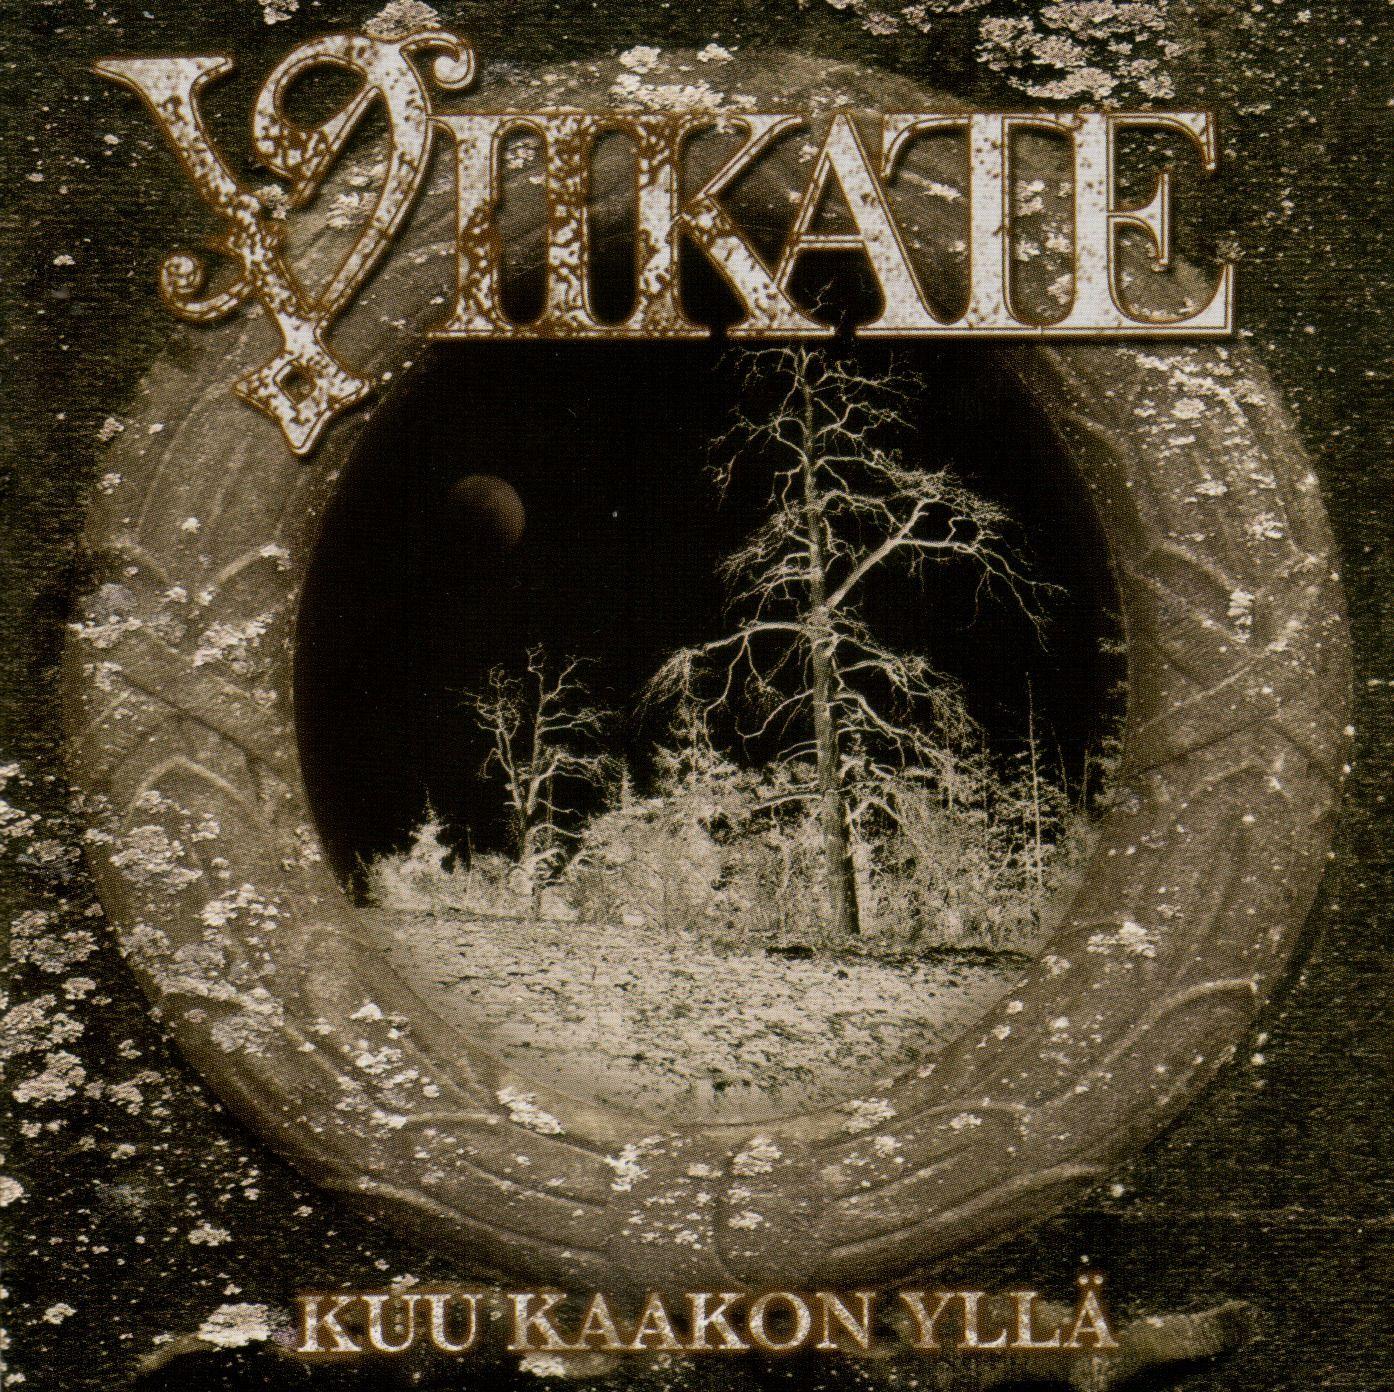 Viikate - Kuu Kaakon Yllä album cover